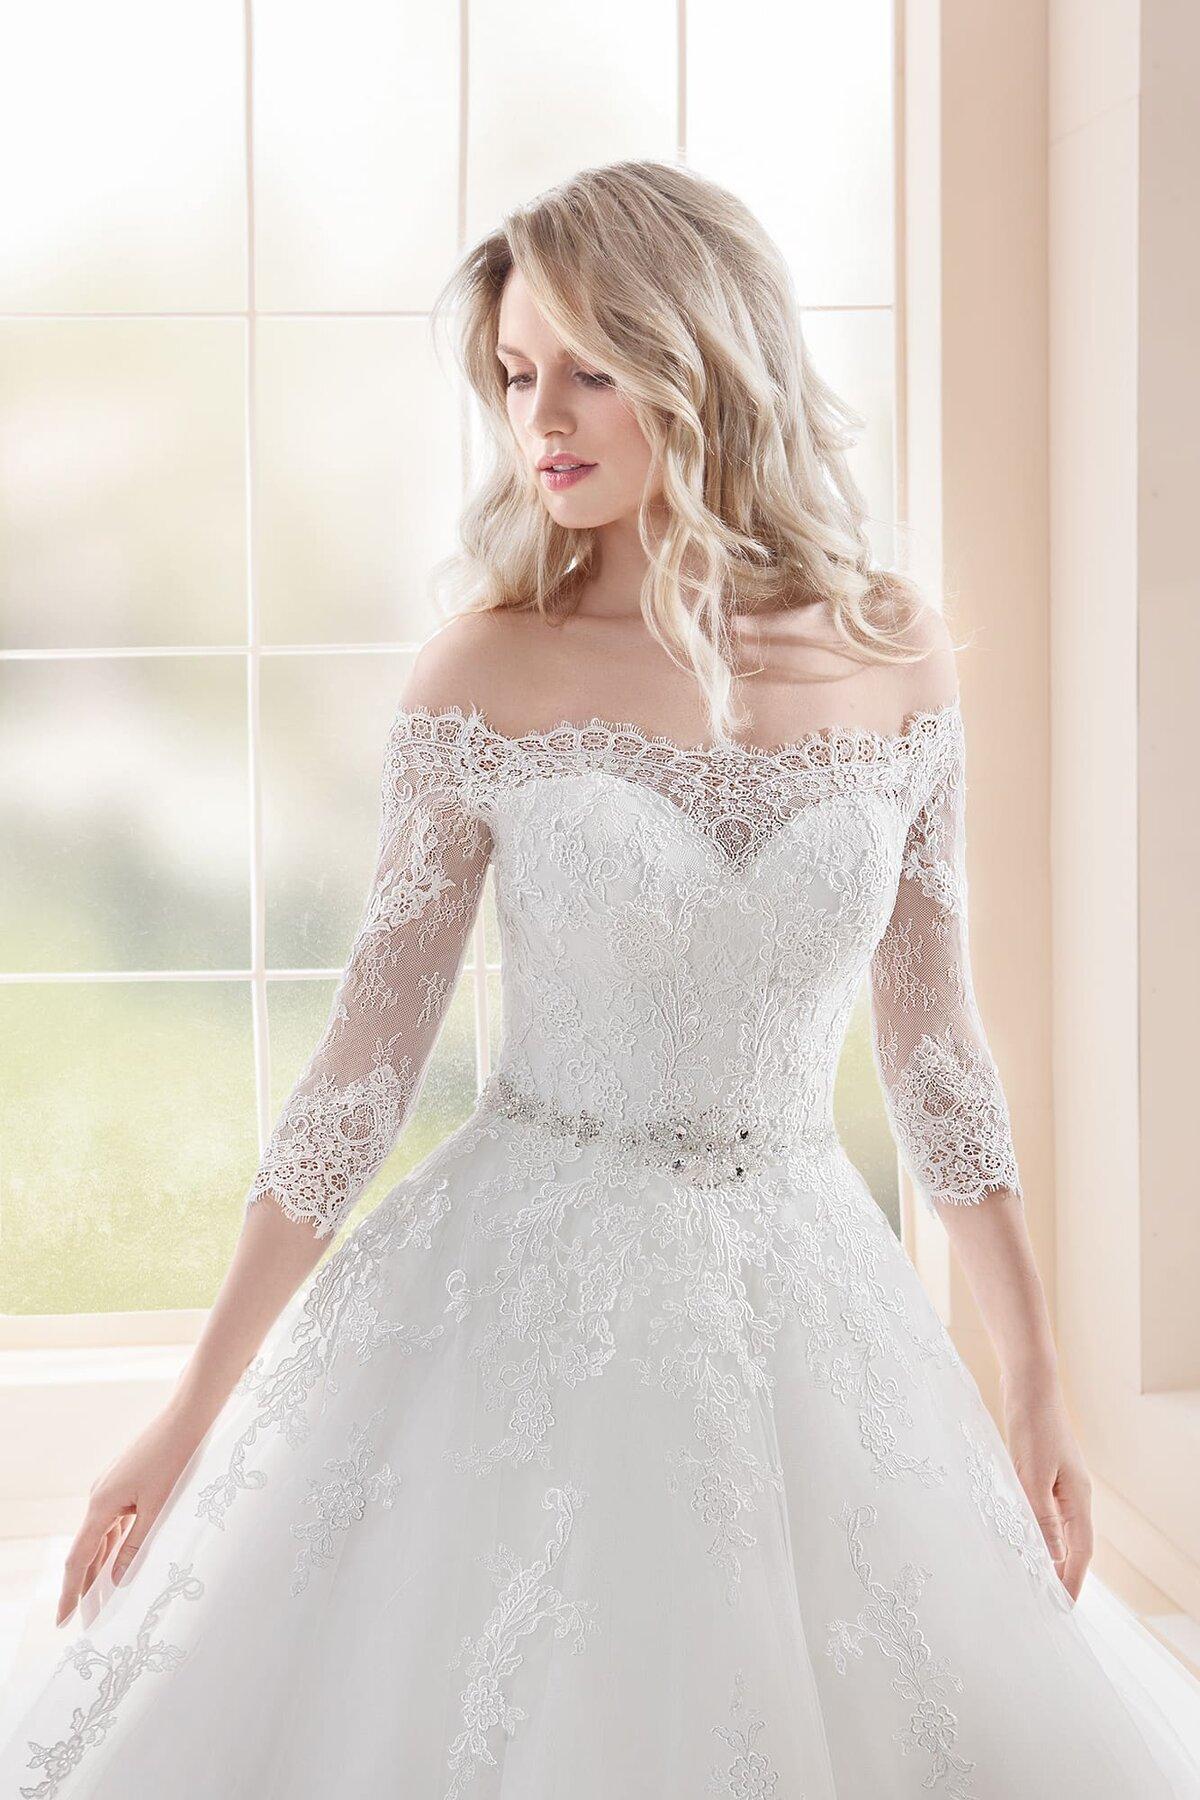 Красивые свадебные платья 2019 фото новинки, картинки